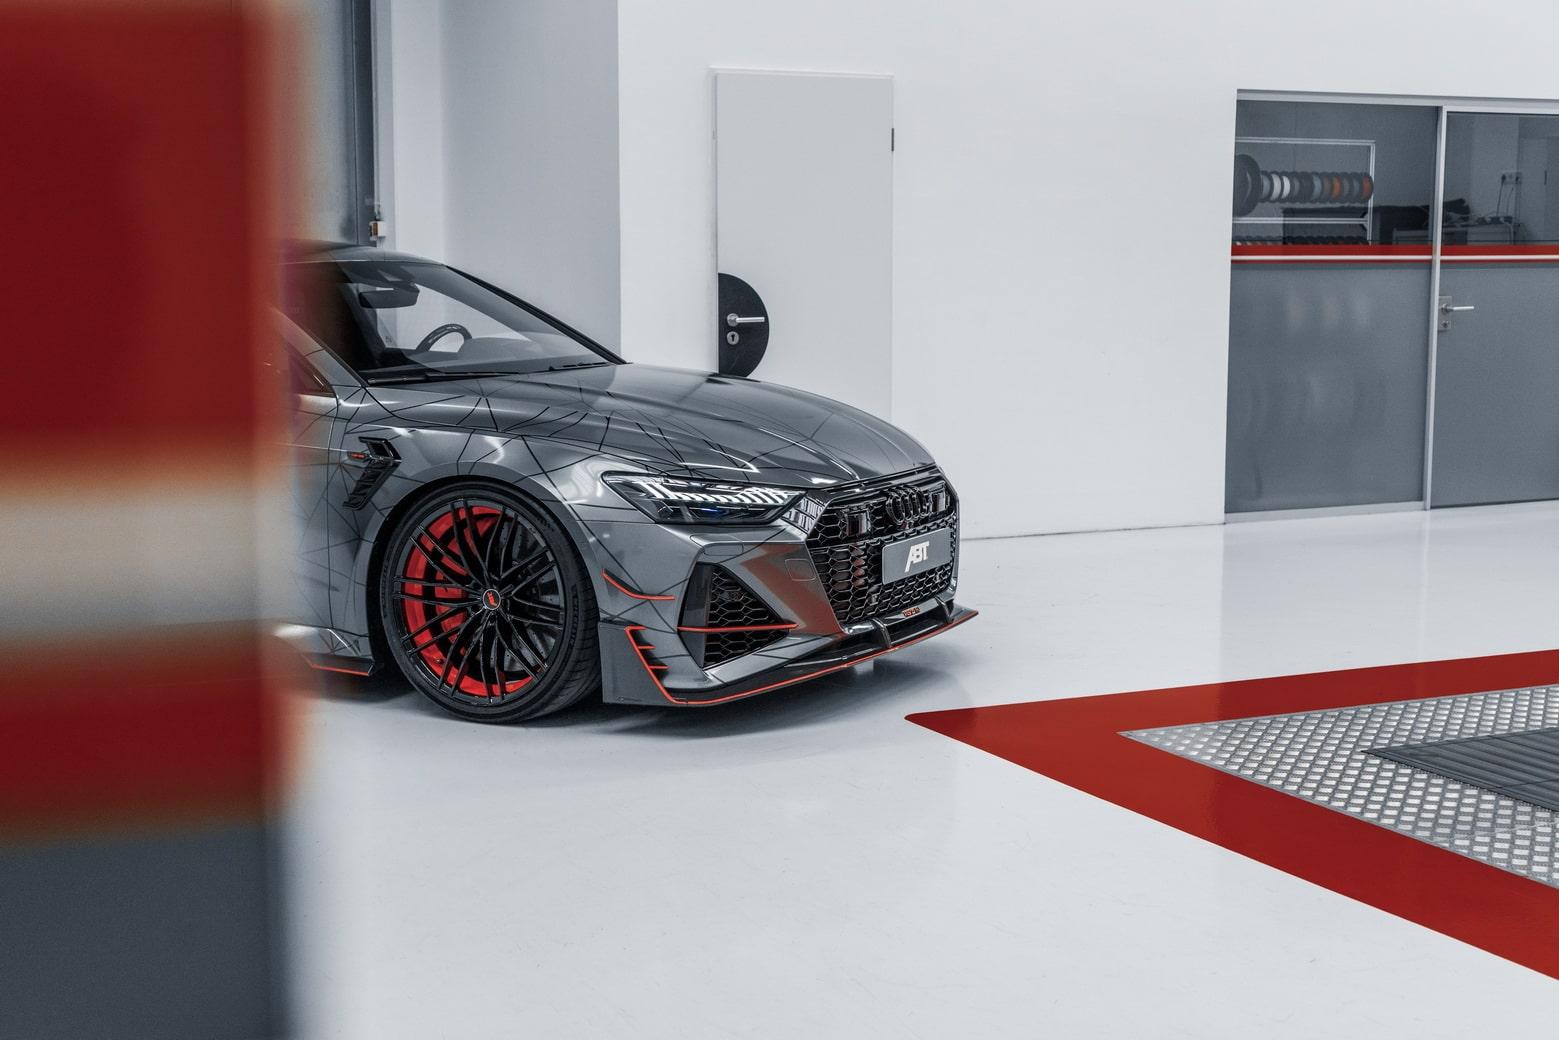 Audi RS6-R et RS7-R ABT : découverte des bolides de 740 ch.